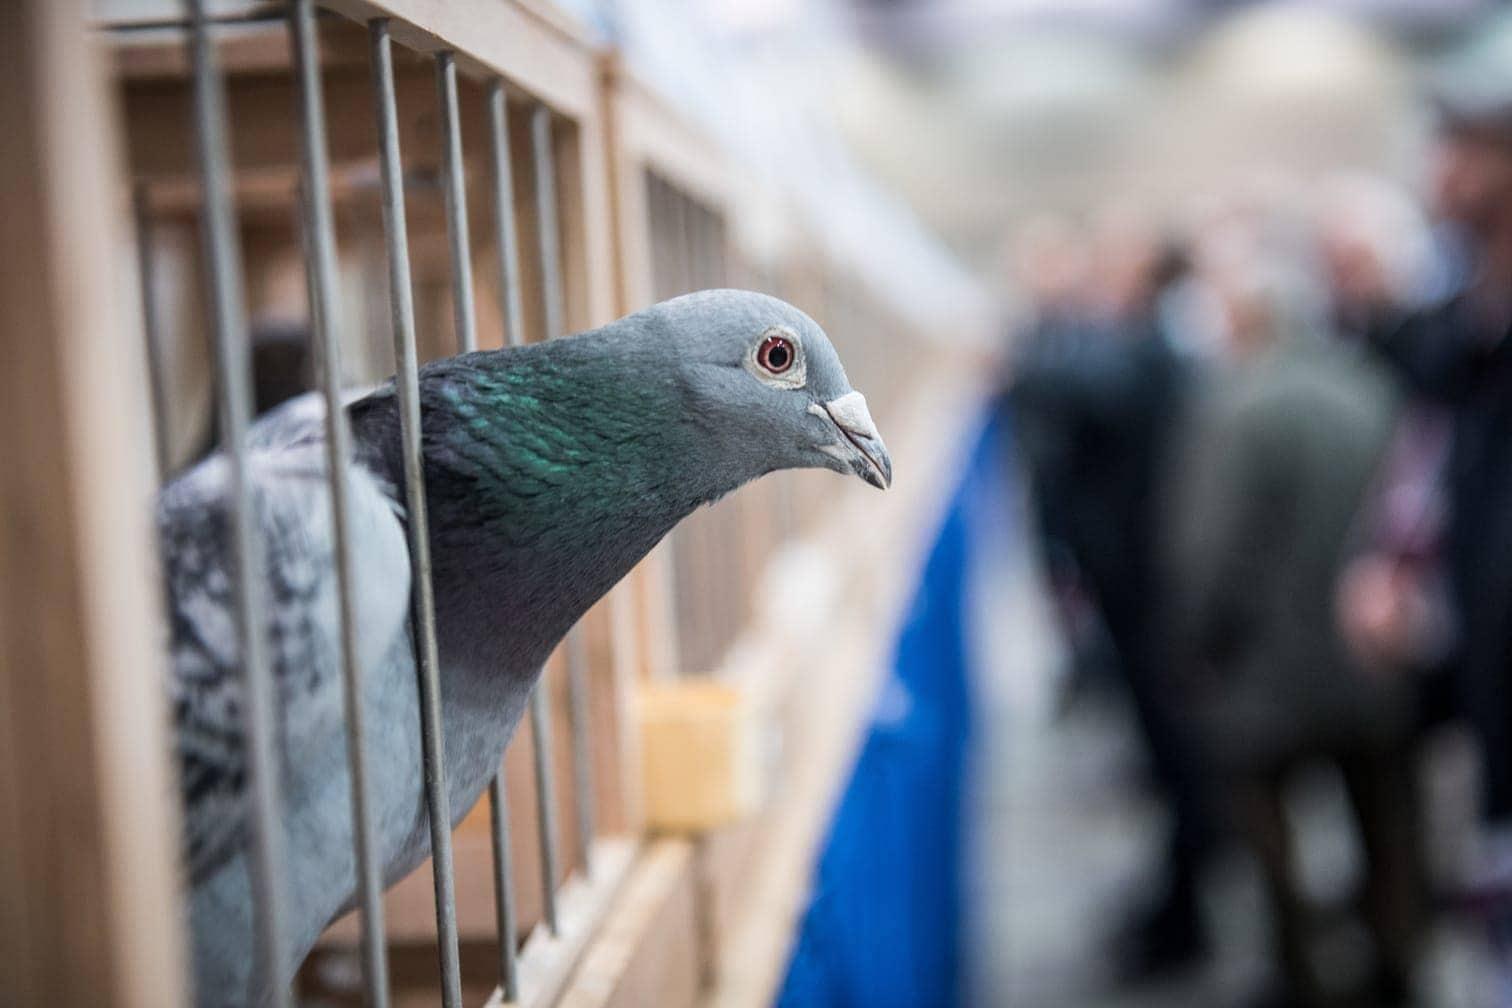 Foto: Bernd Thissen/dpa